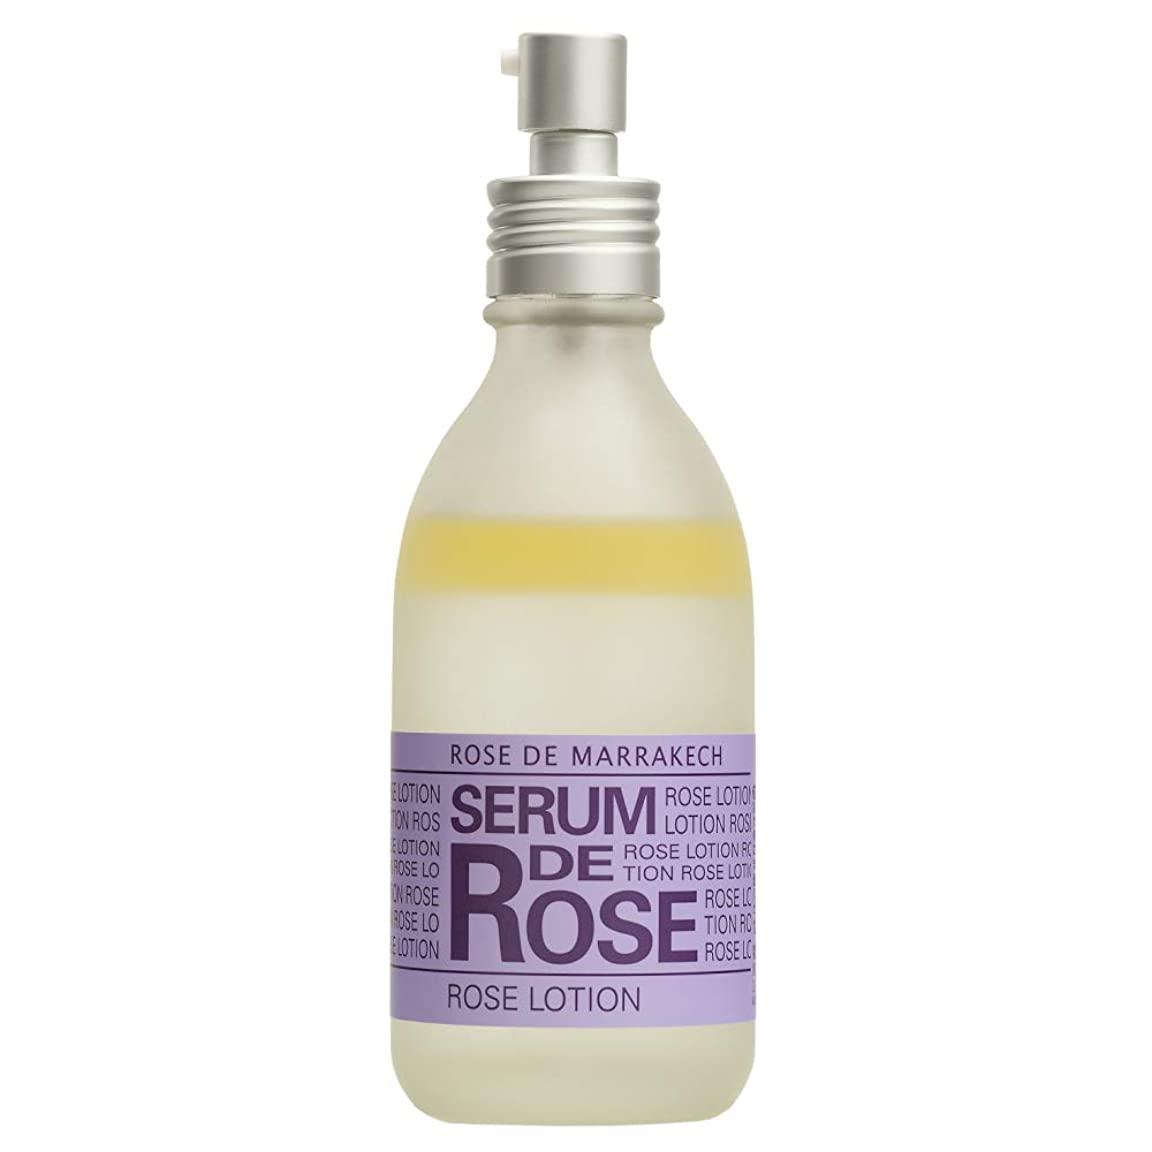 処分したまた明日ね昨日ローズ ド マラケシュ セラム ド ローズ120ml(オールインワン化粧水)